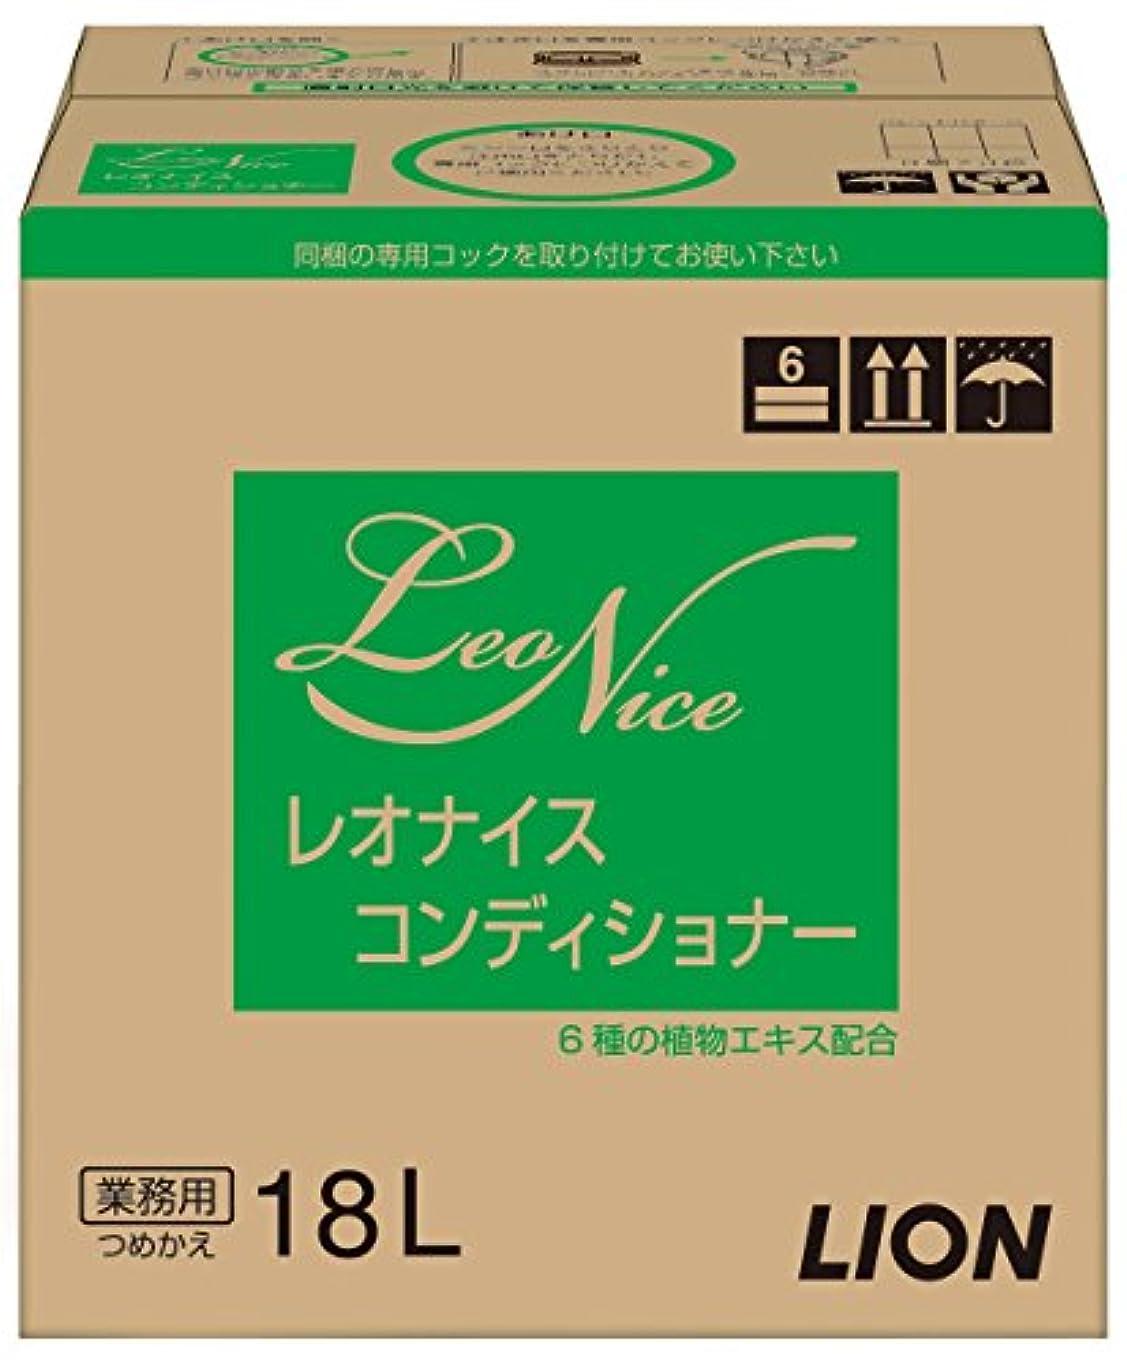 くぼみ必需品指定する業務用レオナイス 18L